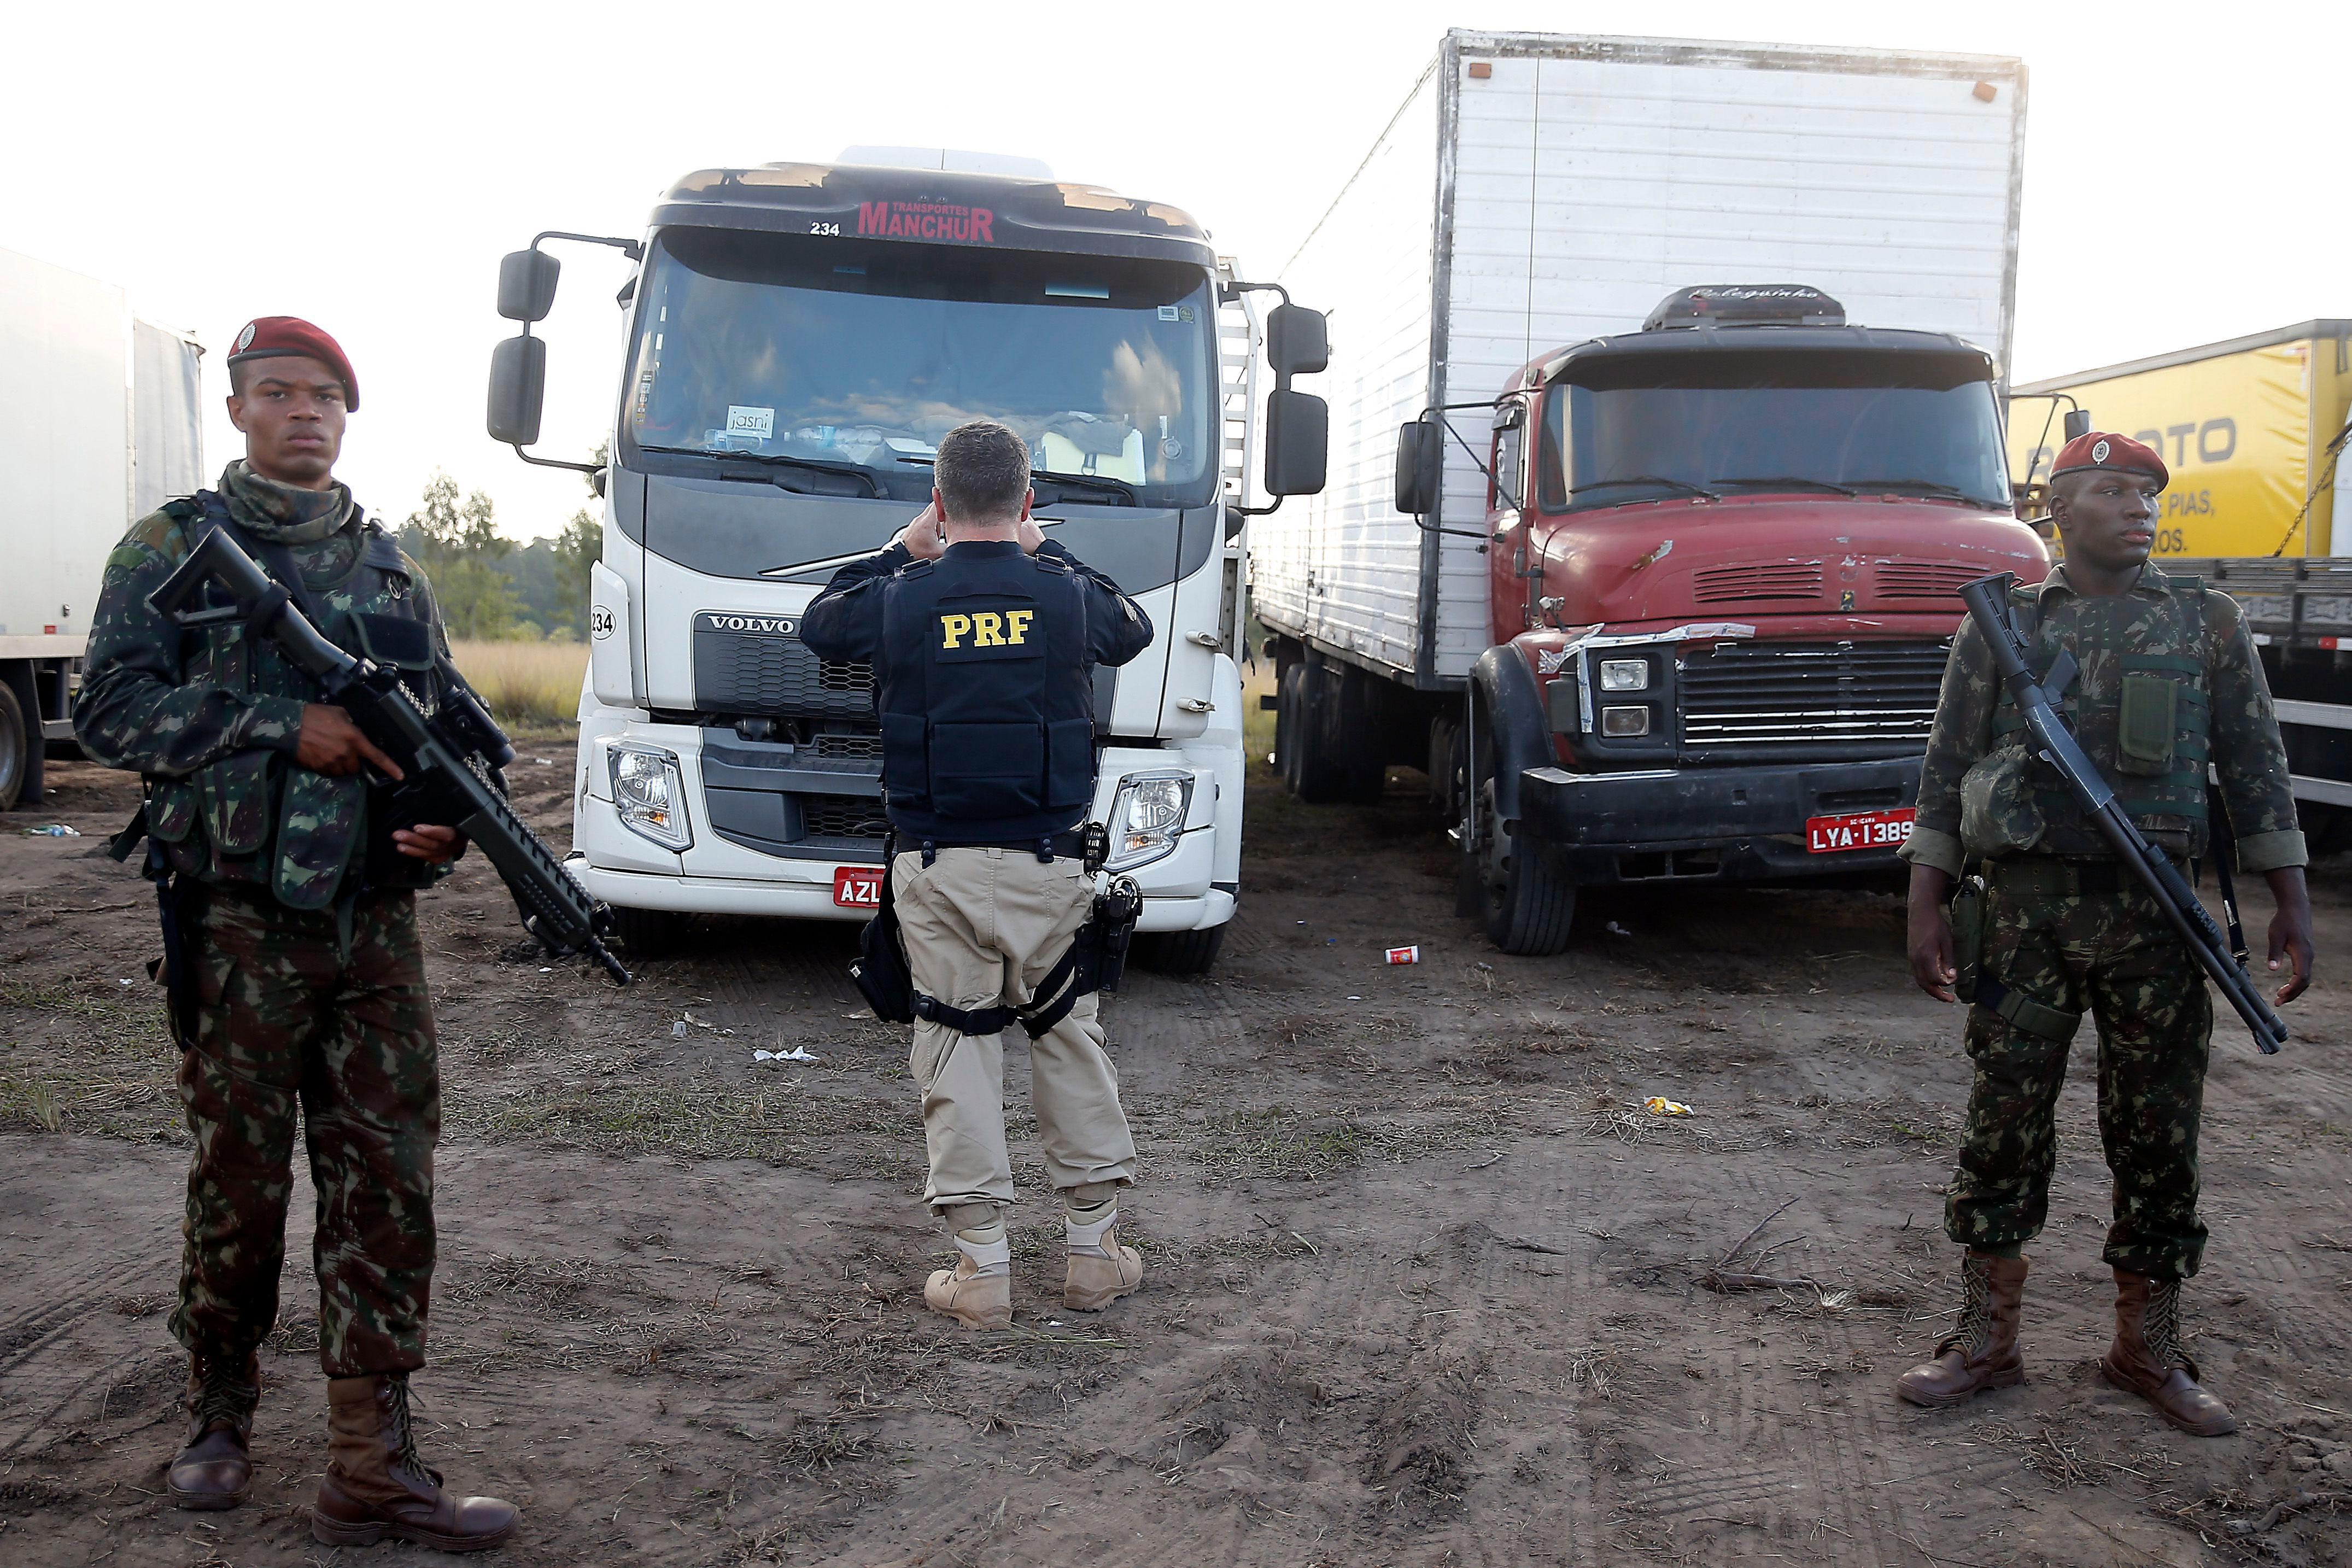 Agentes da Polícia Rodoviária Federal (PRF) começaram a identificar os caminhões parados fora das estradas e dos acostamentos na Rodovia Presidente Dutra